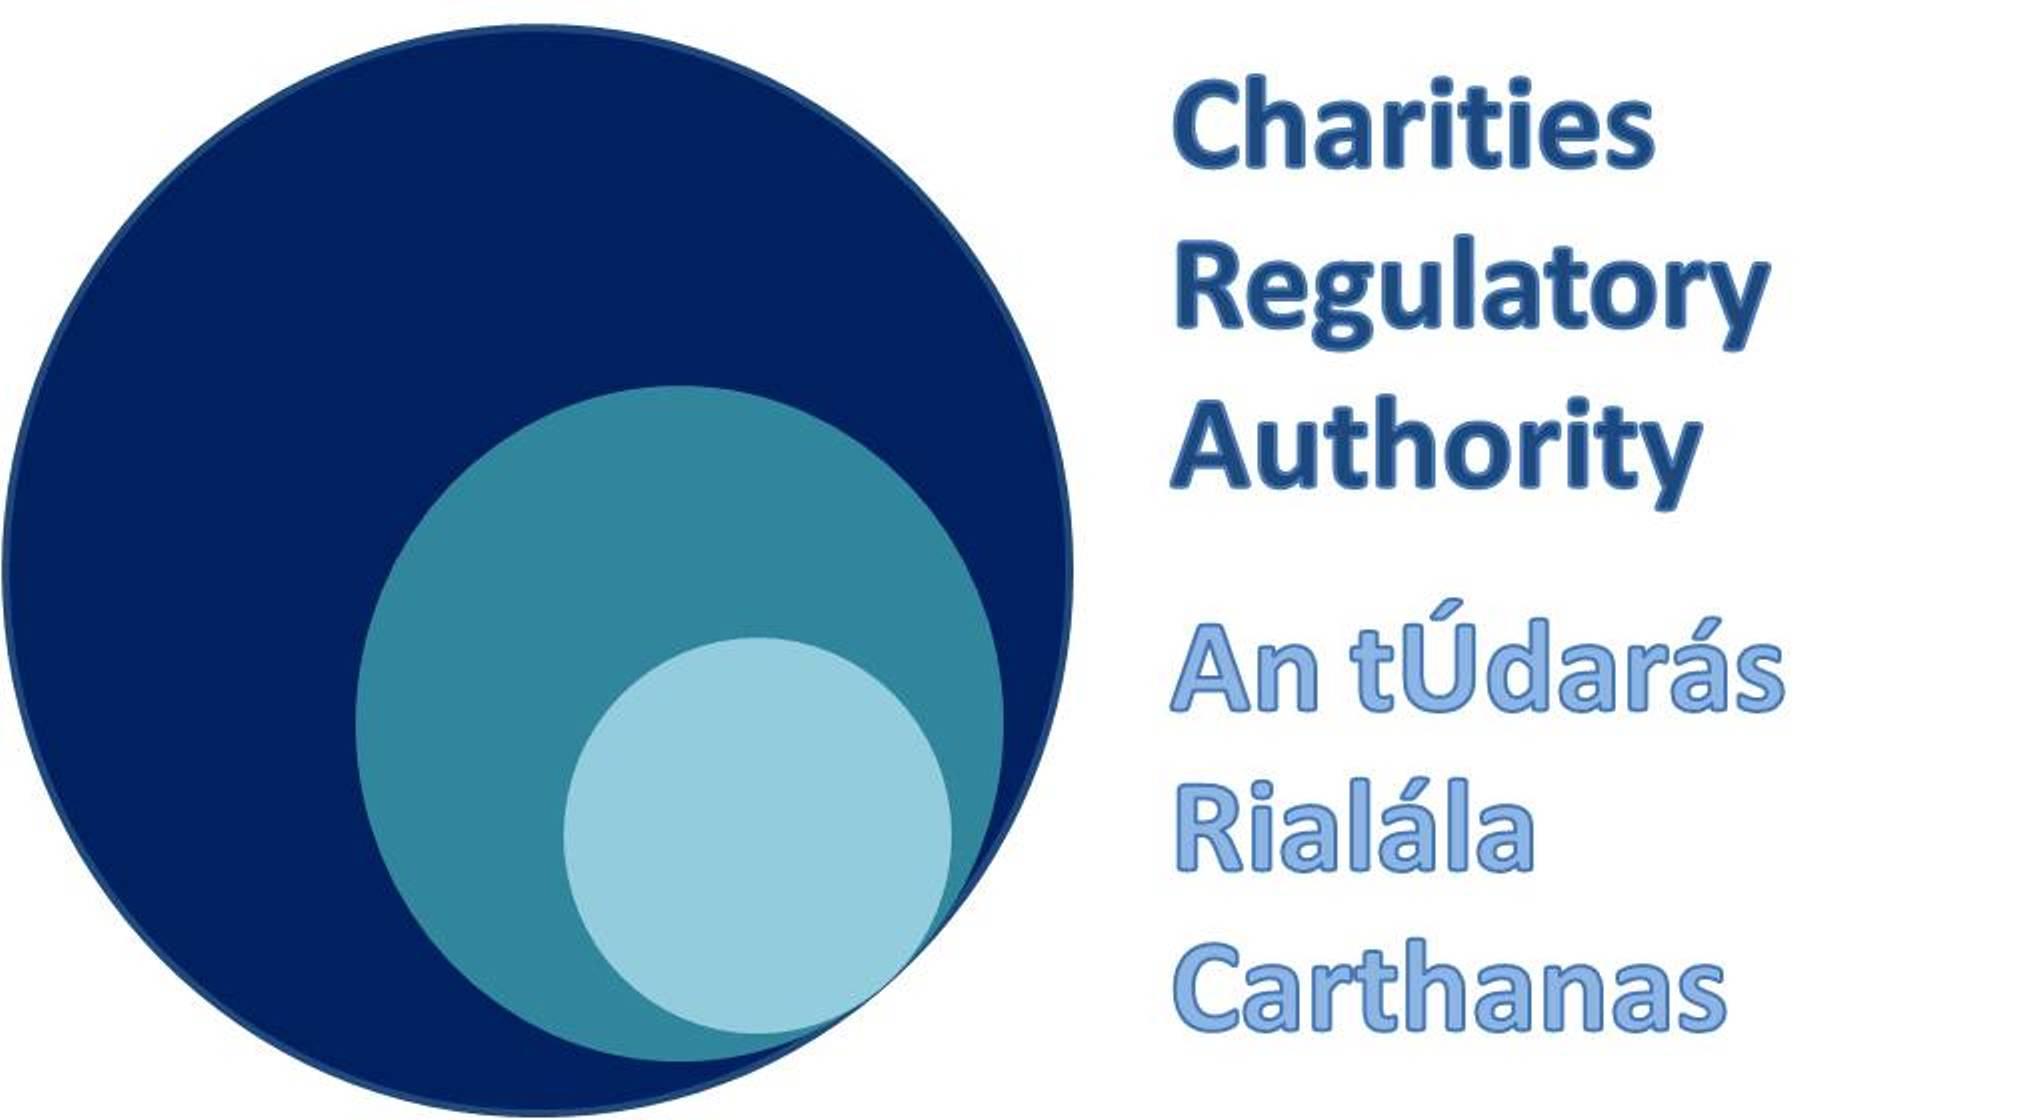 Charities Regulatory Authority